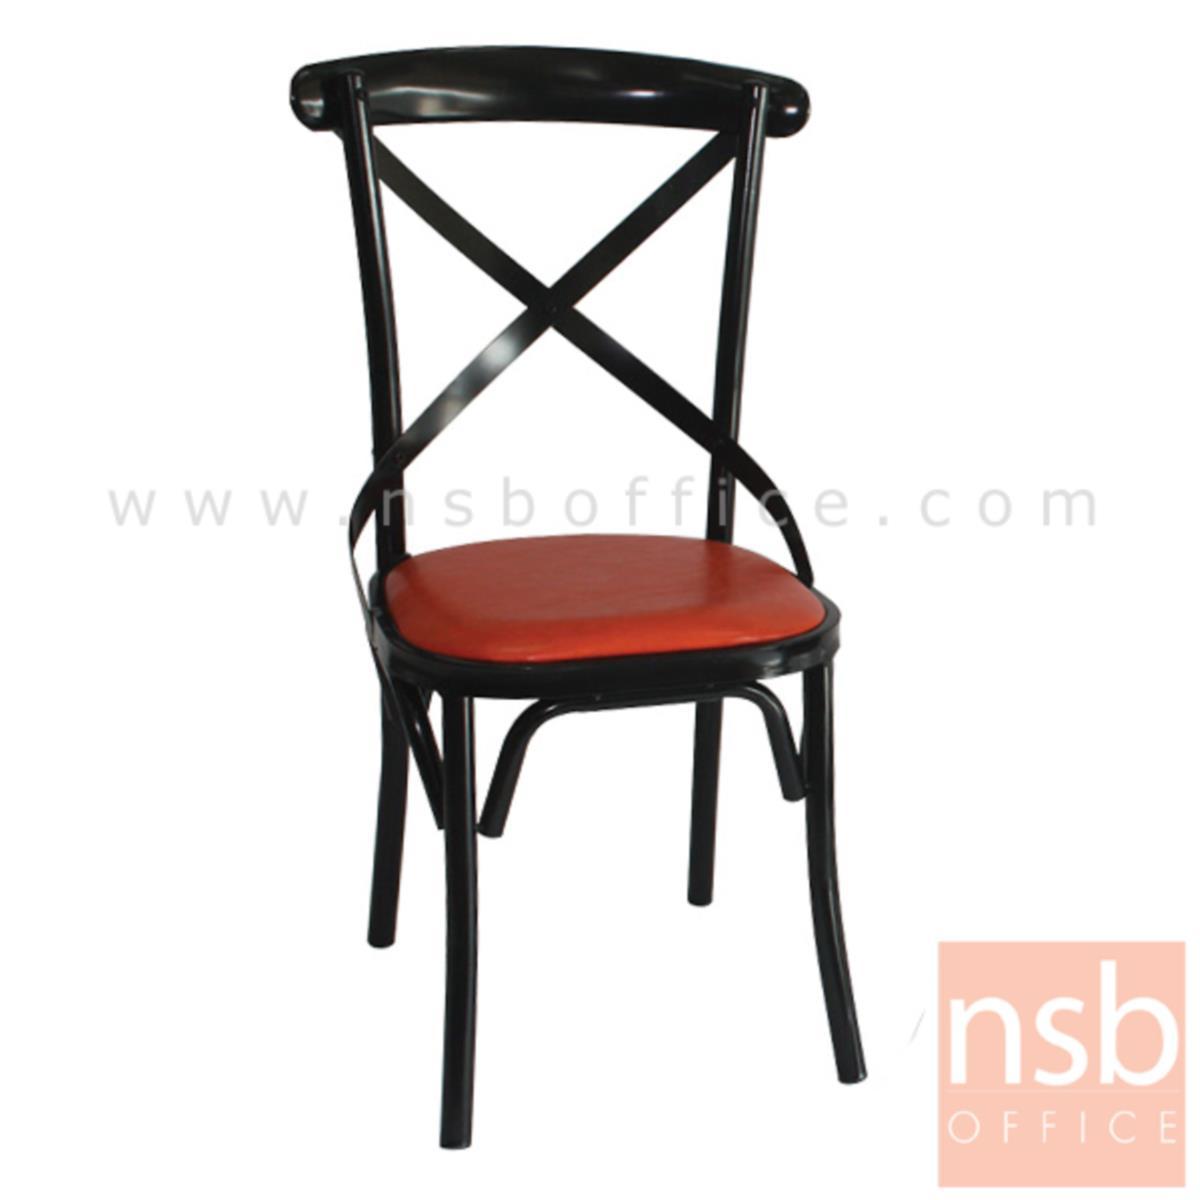 B08A074:เก้าอี้อเนกประสงค์ รุ่น Belinda (เบลินดา)  โครงสีดำ